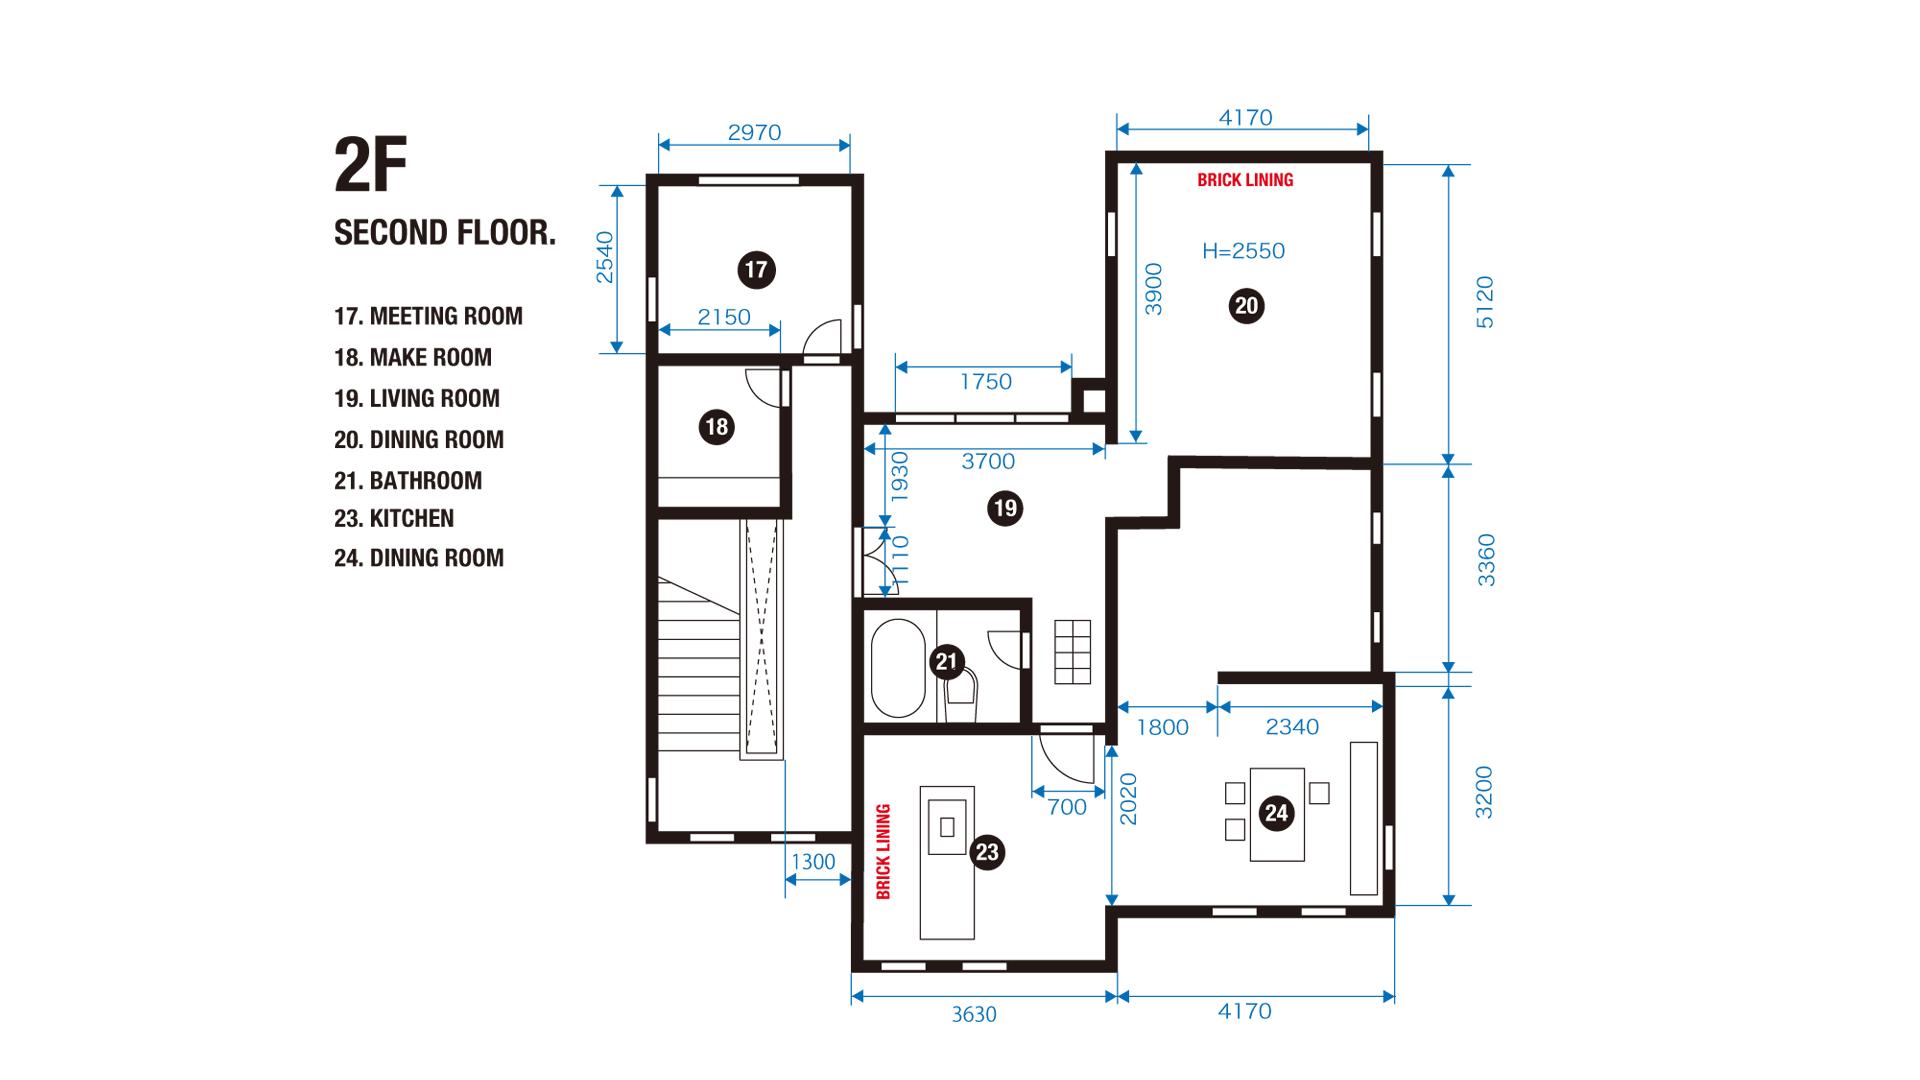 SECOND FLOOR. 2F